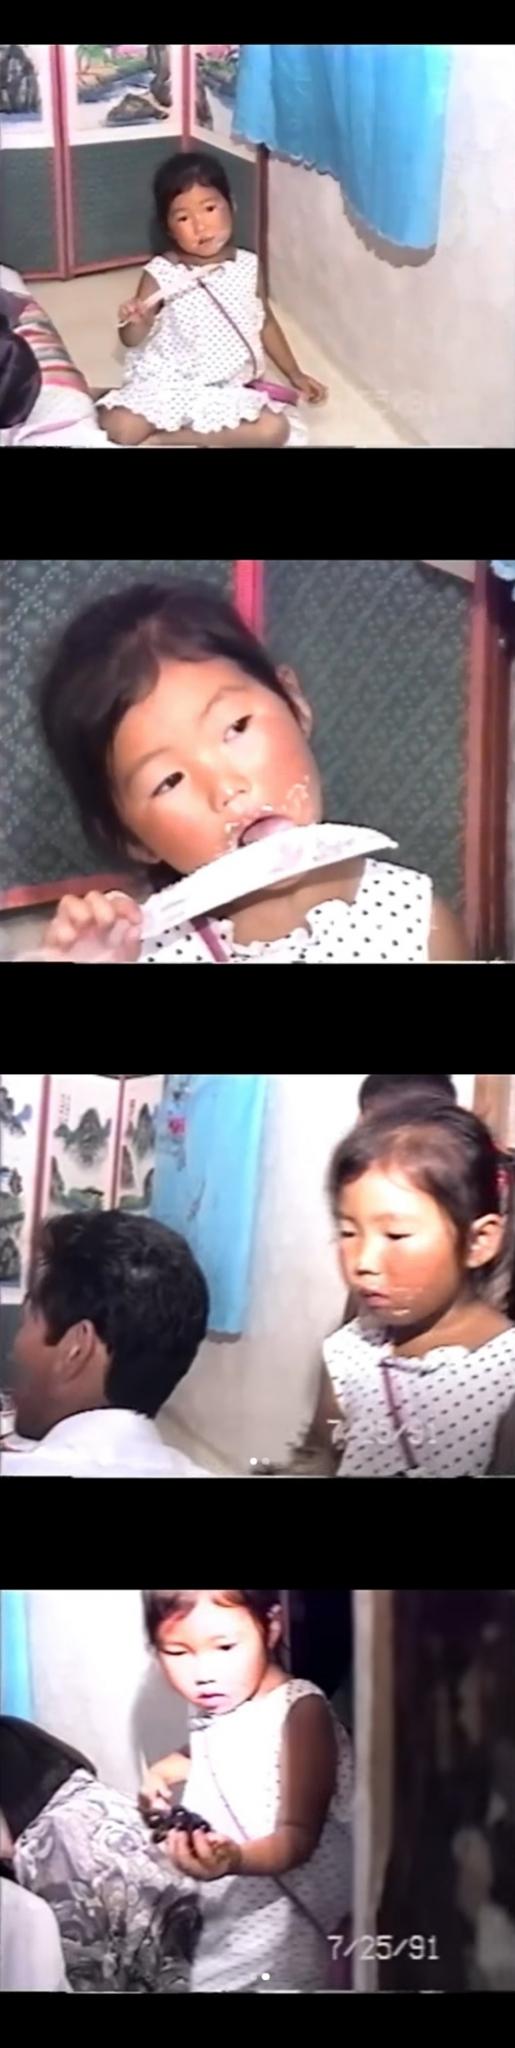 송가인의 어린 시절 모습이 공개됐다./사진=송가인 인스타그램